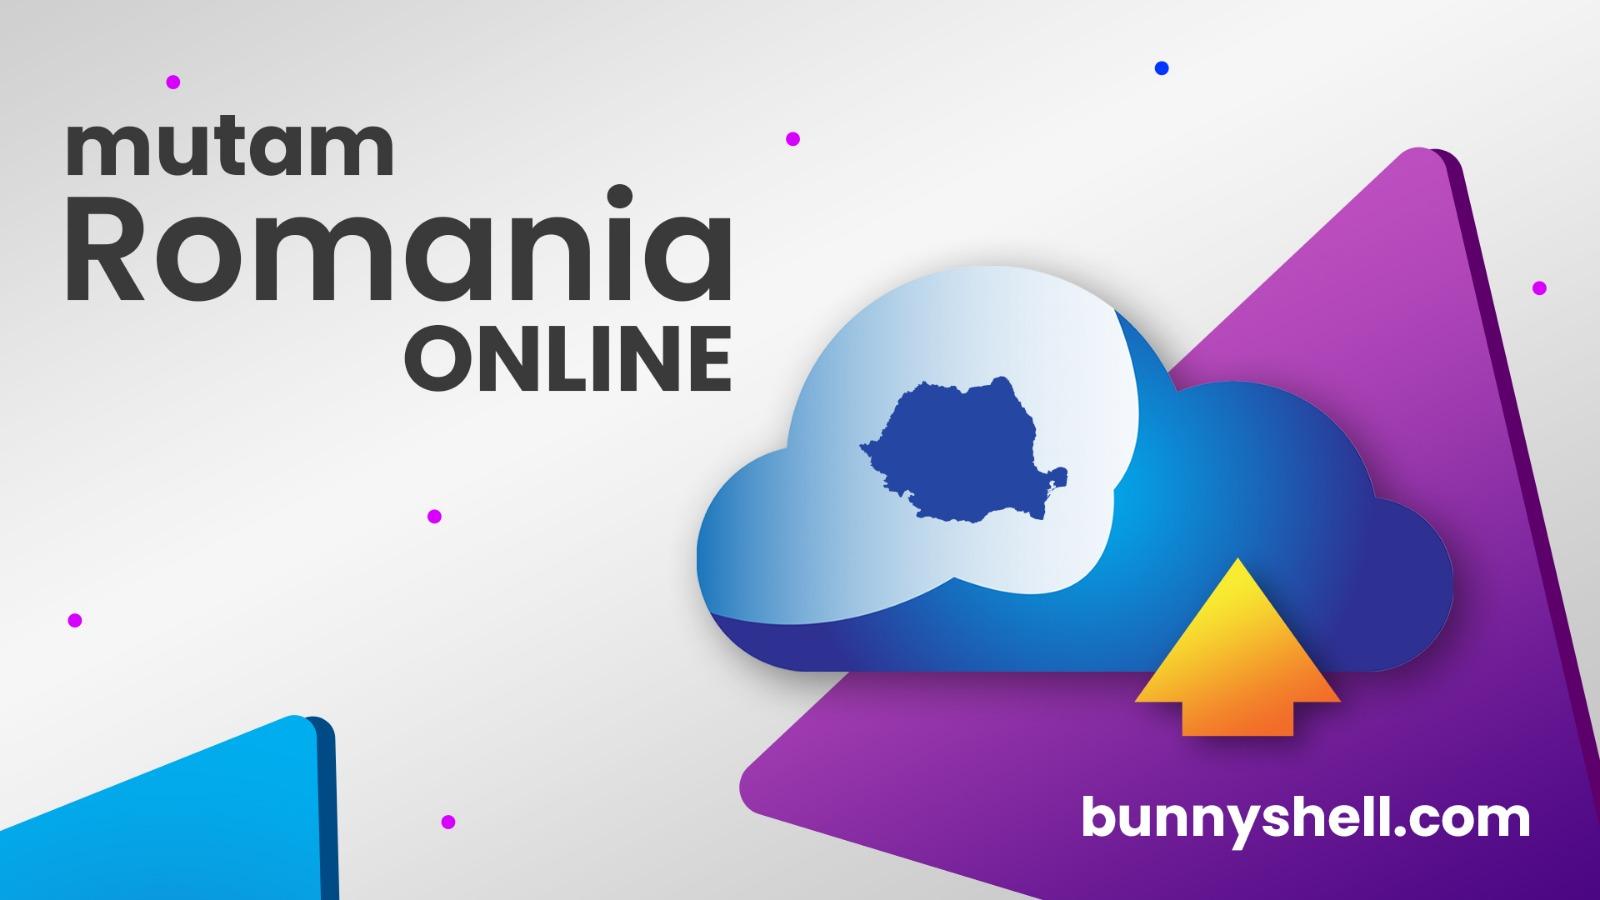 """""""Mutăm ROmânia ONline!"""", campanie de sprijinire a digitalizării business-urilor româneşti în contextul crizei COVID-19"""